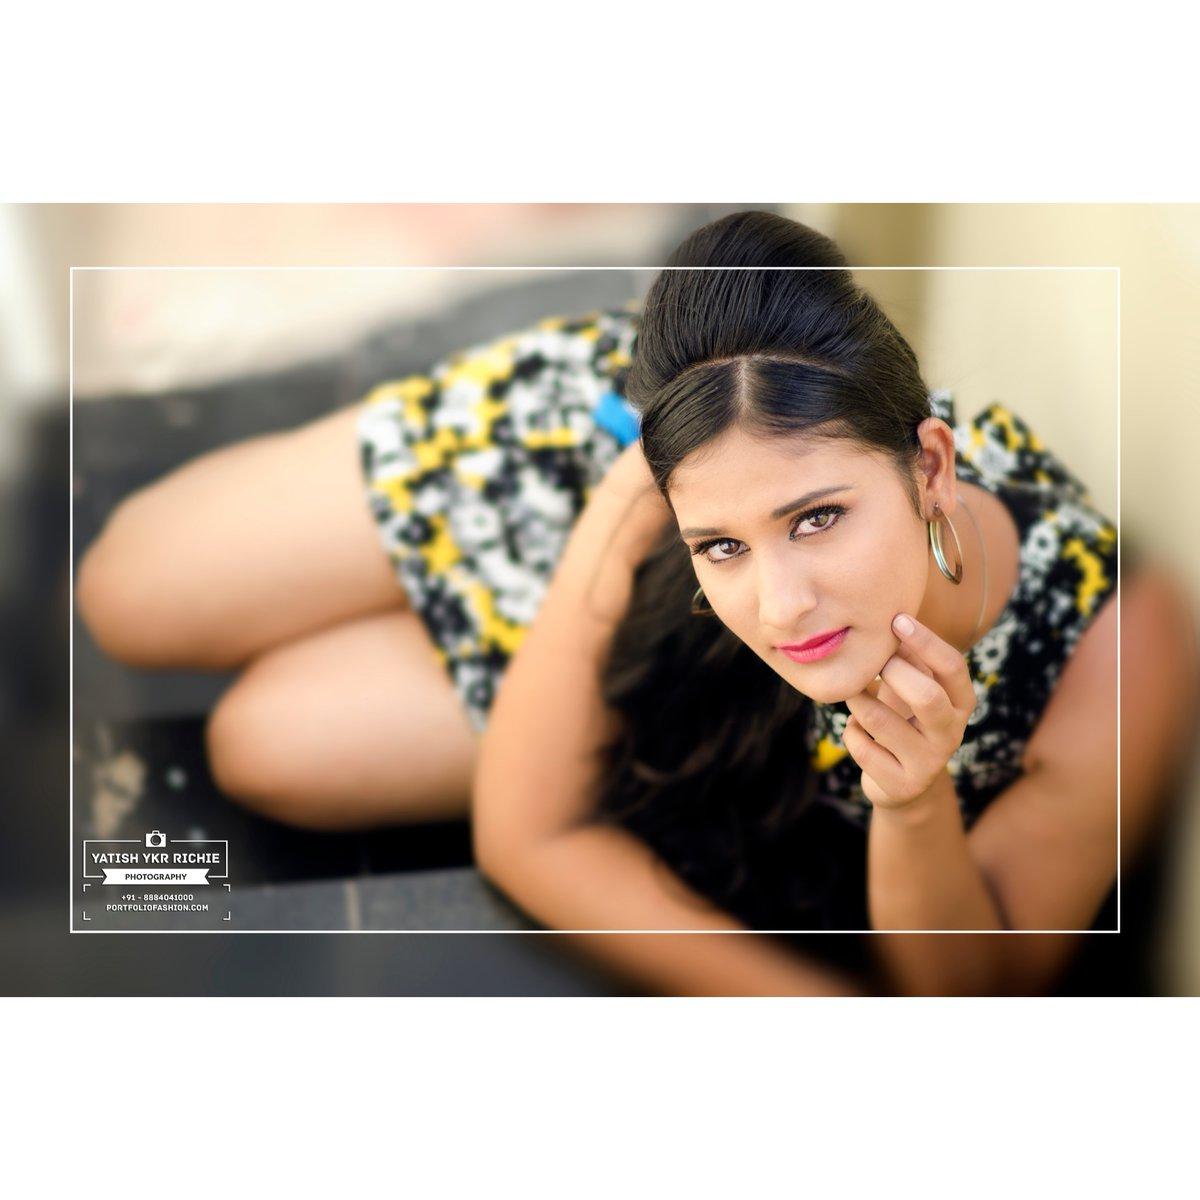 #ykr #ykrphotography #modelingshoot #model_potrait #modelingagencies #modellingphotography #models #bangaloremodel #bangalorephotgrapher #potraitmood #potraitmaking #grace #style #femalemodel #femalemodelbangalore #bangaloreimages #photography #photoshoot #photographer...pic.twitter.com/9eO5w9VOrU